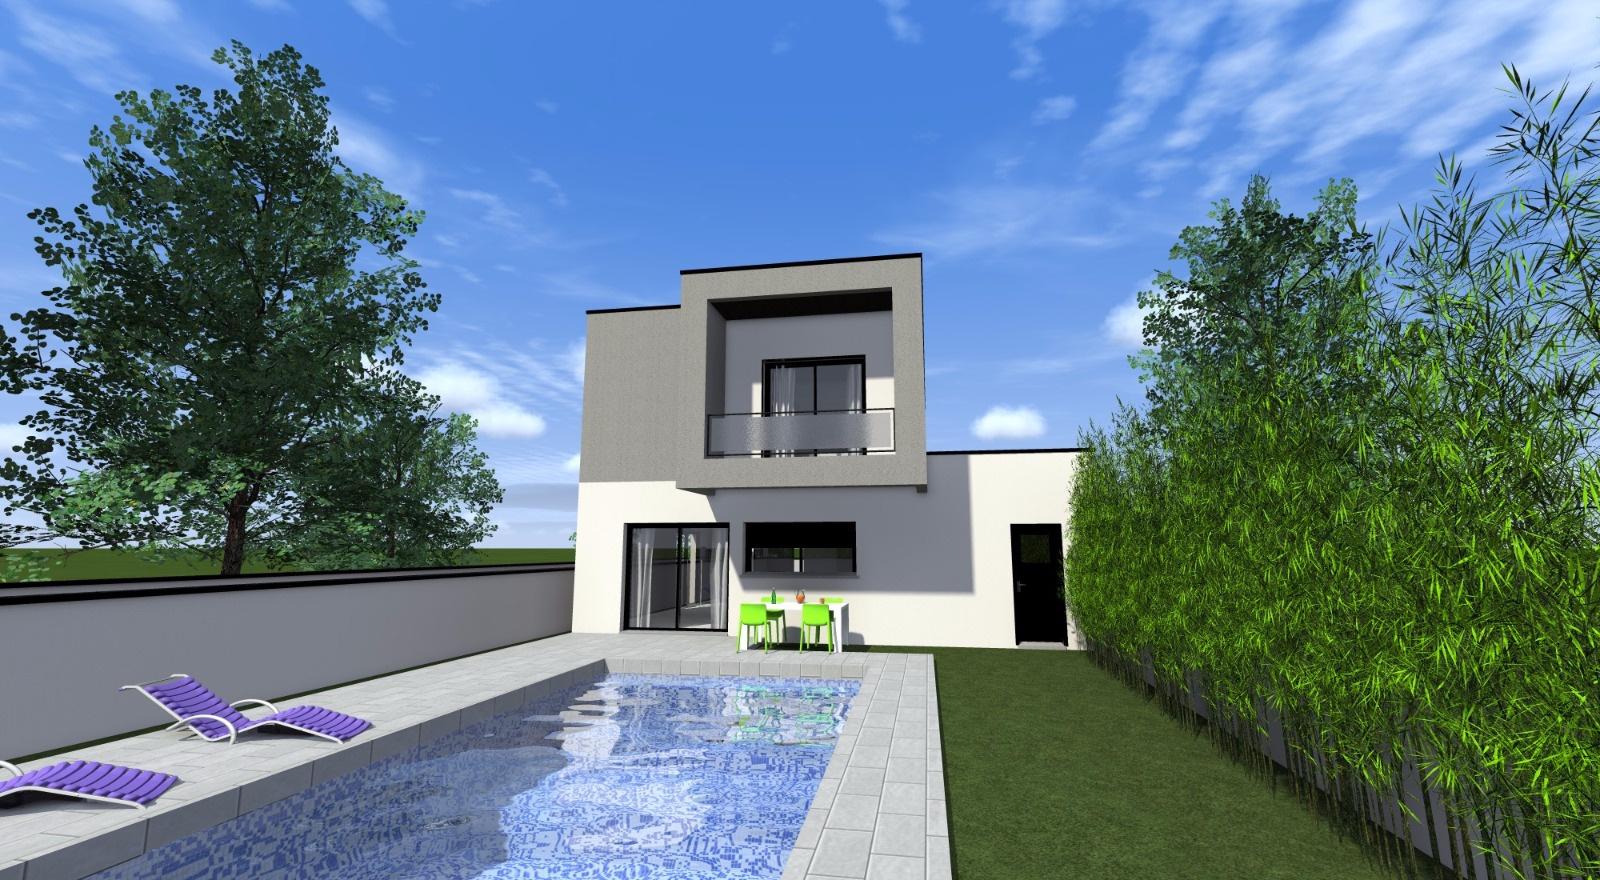 Annonce vente maison portet sur garonne 31120 105 m for Maison portet sur garonne